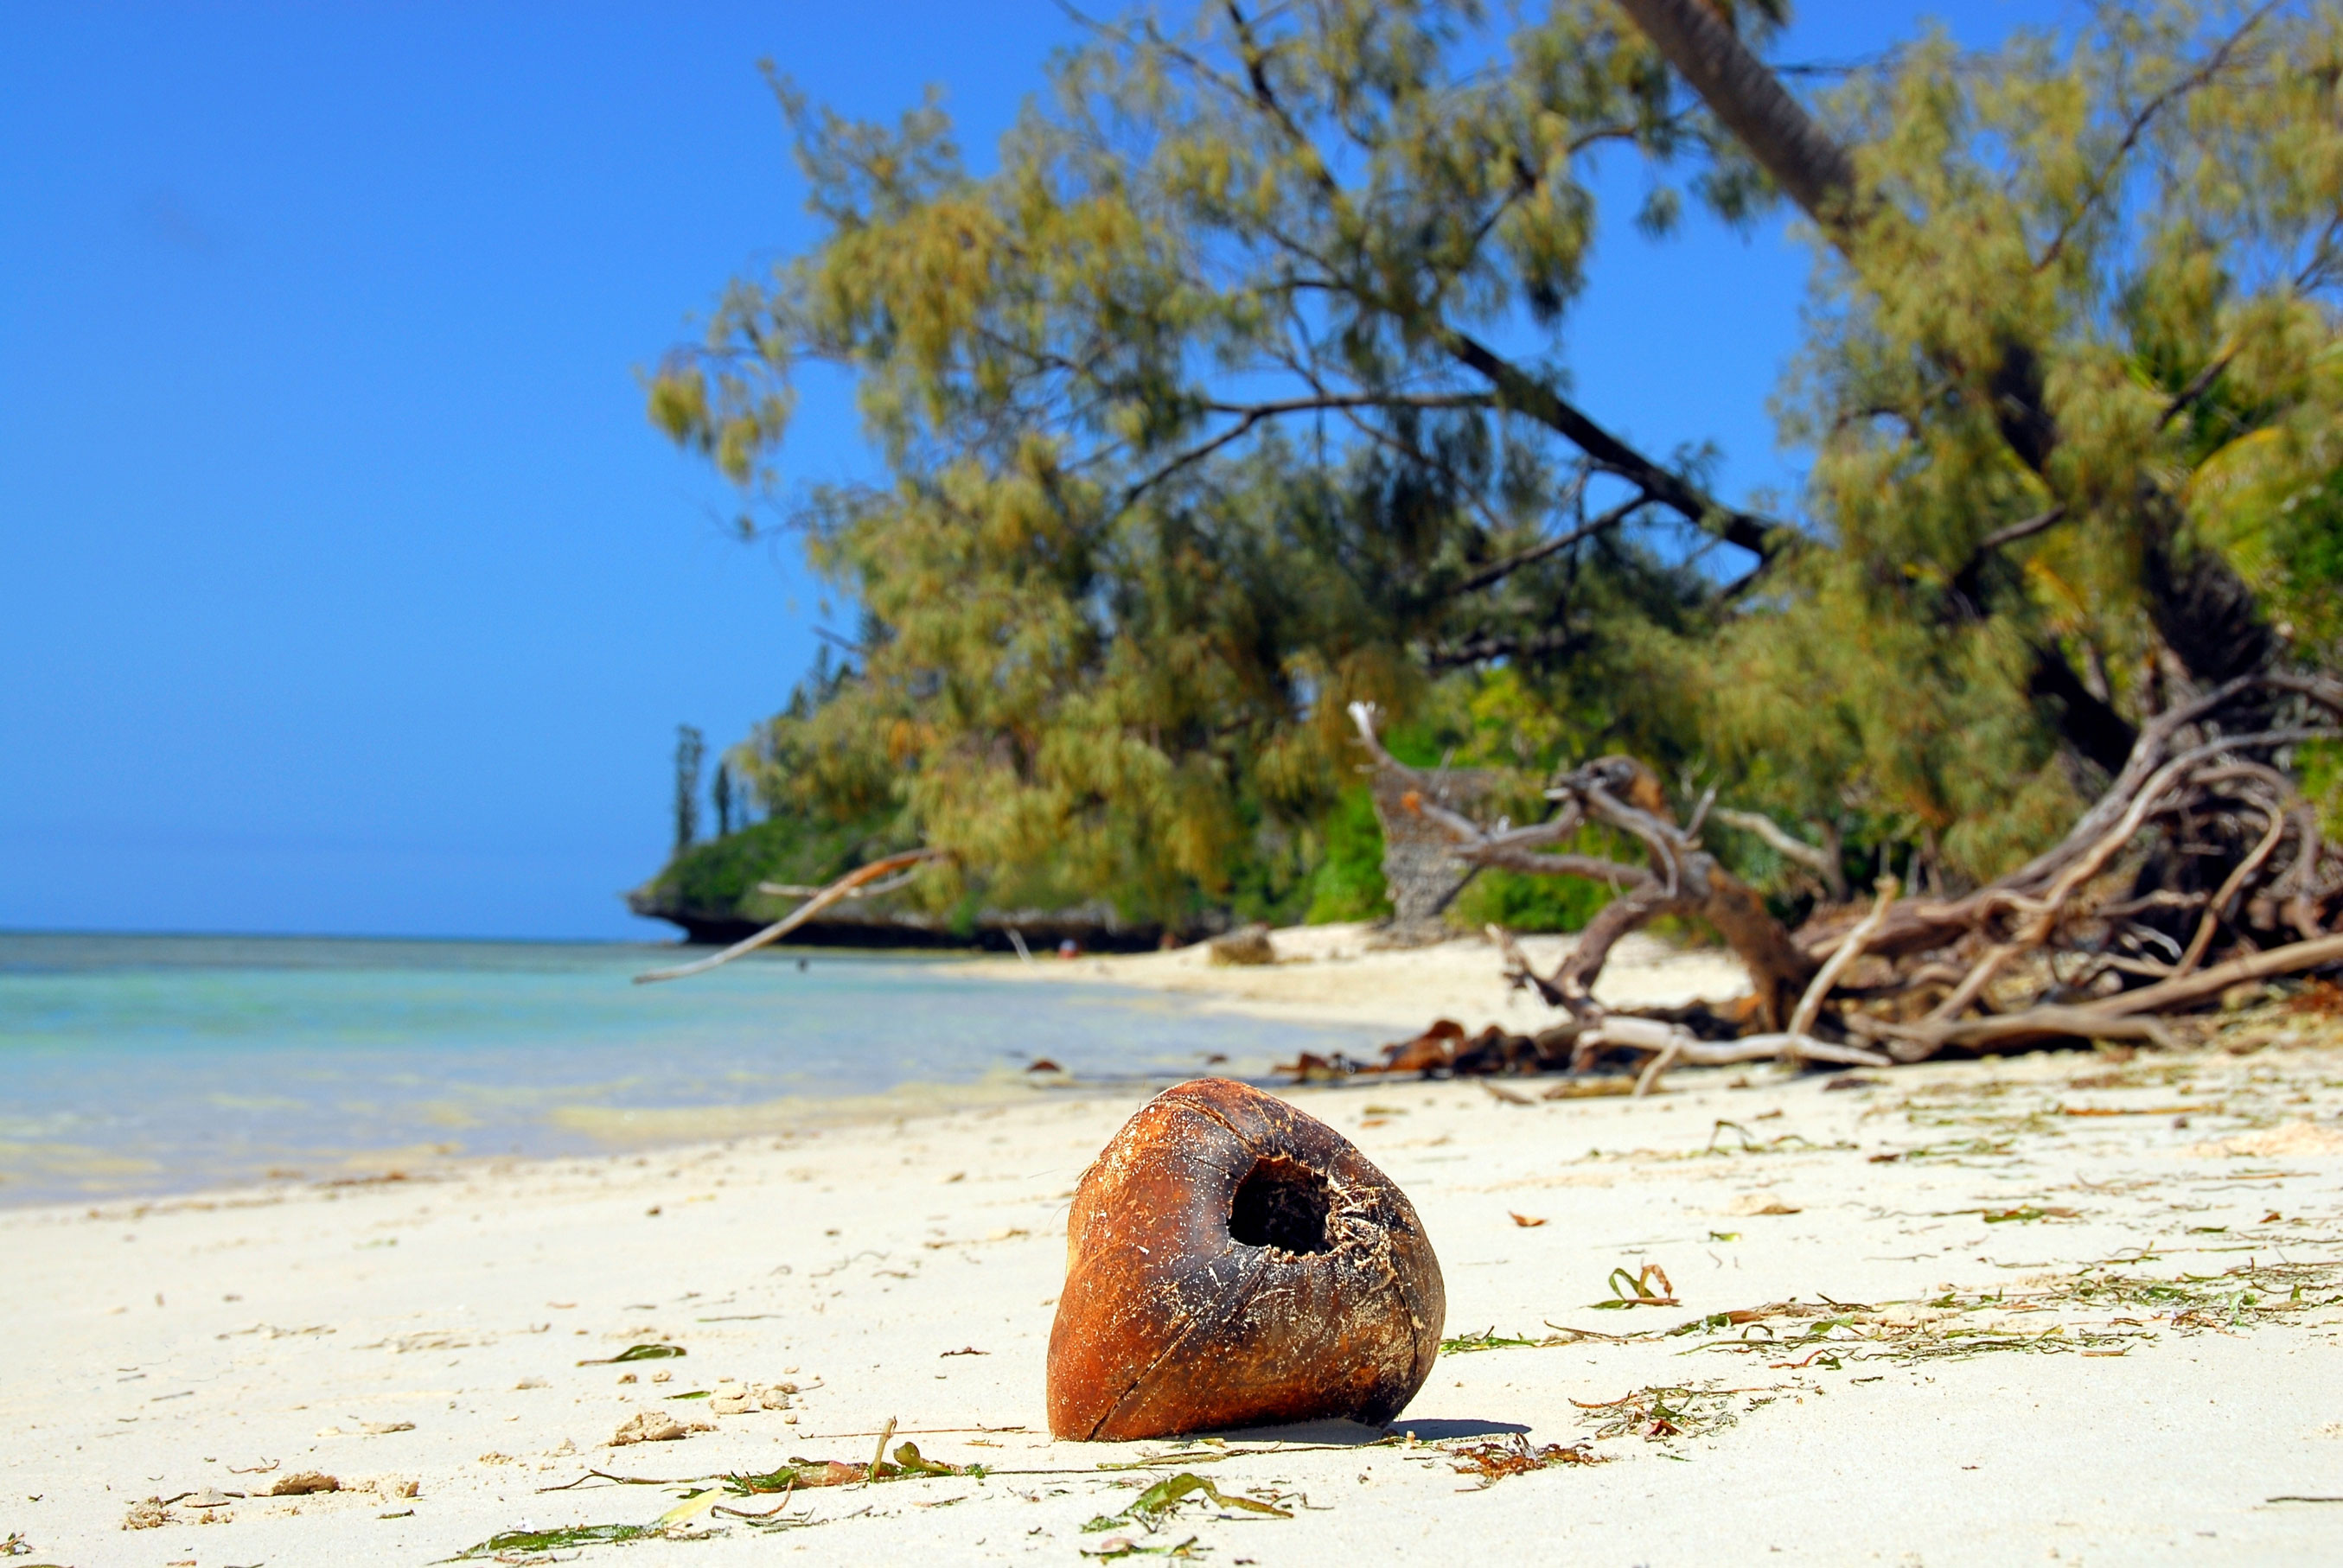 Les îles du Pacifique bénéficient d'un milieu naturel exceptionnel.